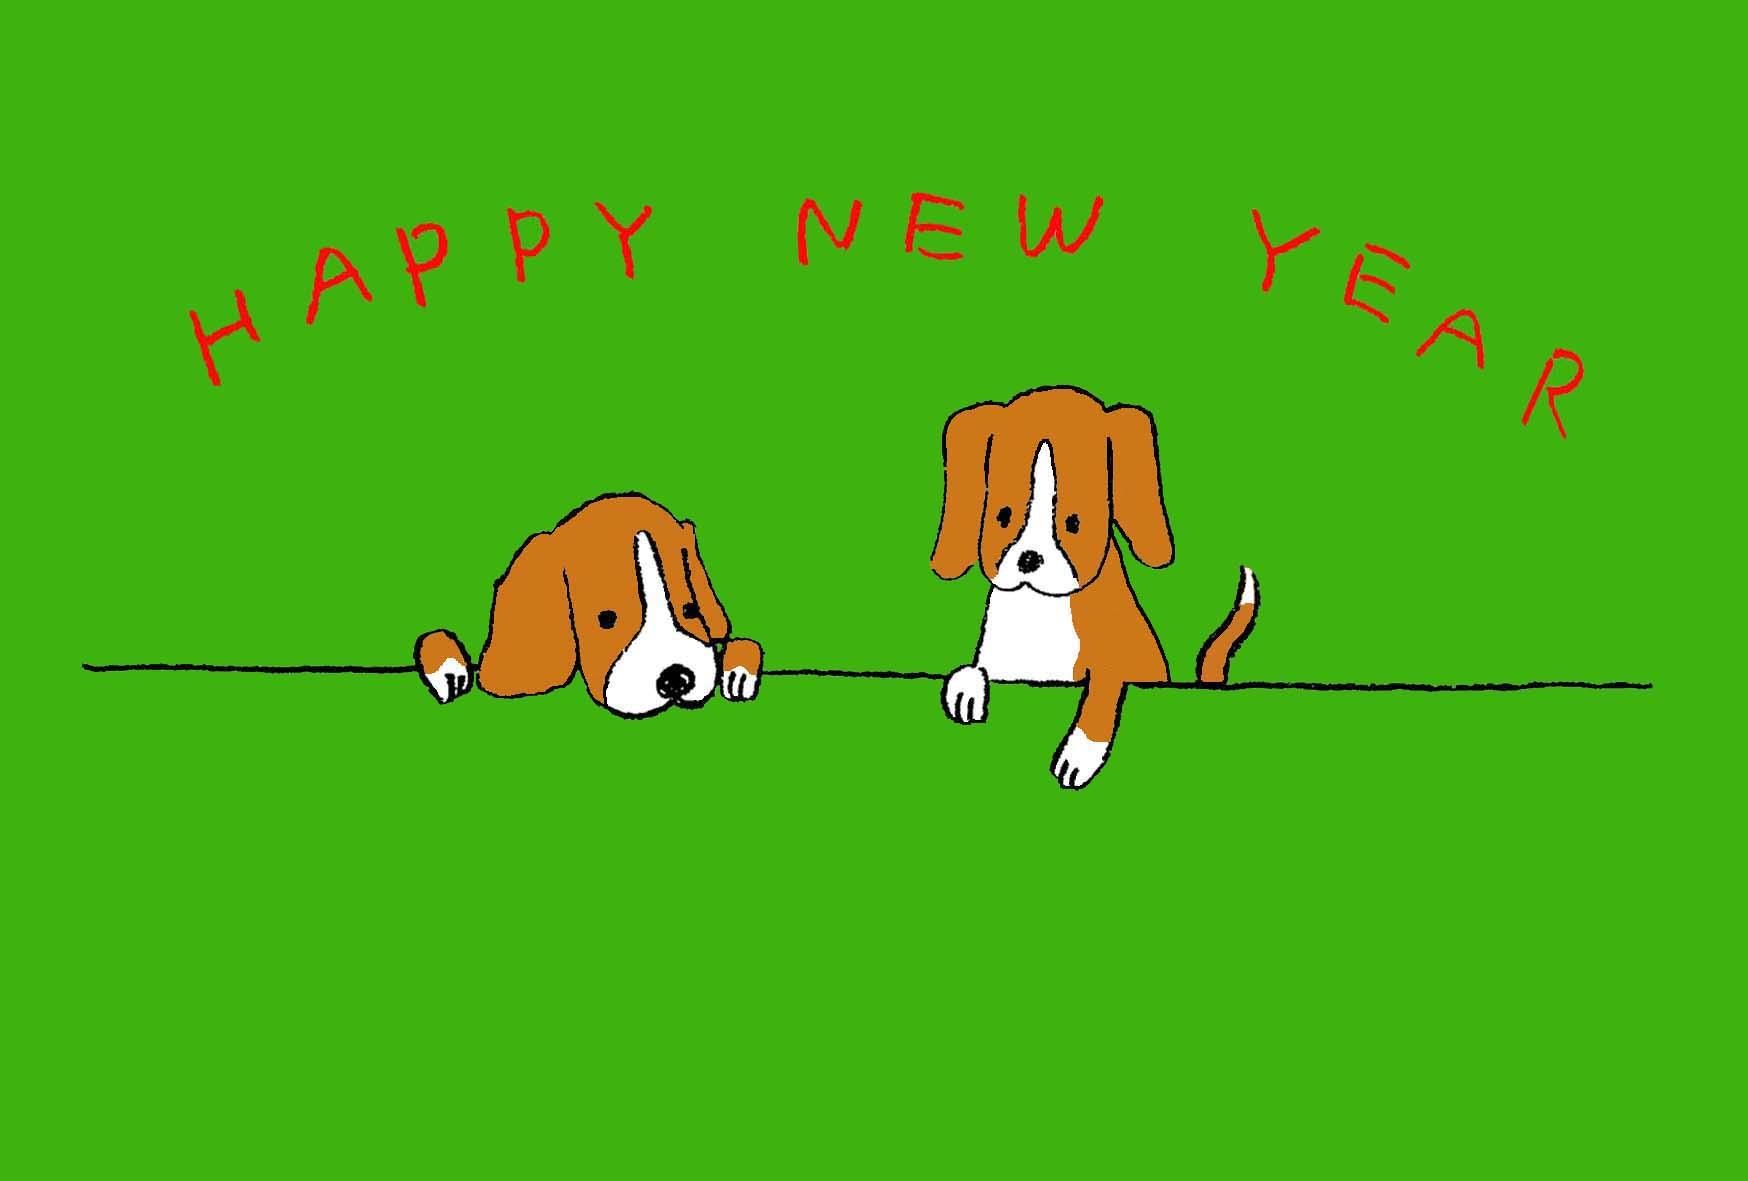 無料戌年年賀状】可愛いビーグル犬のイラスト